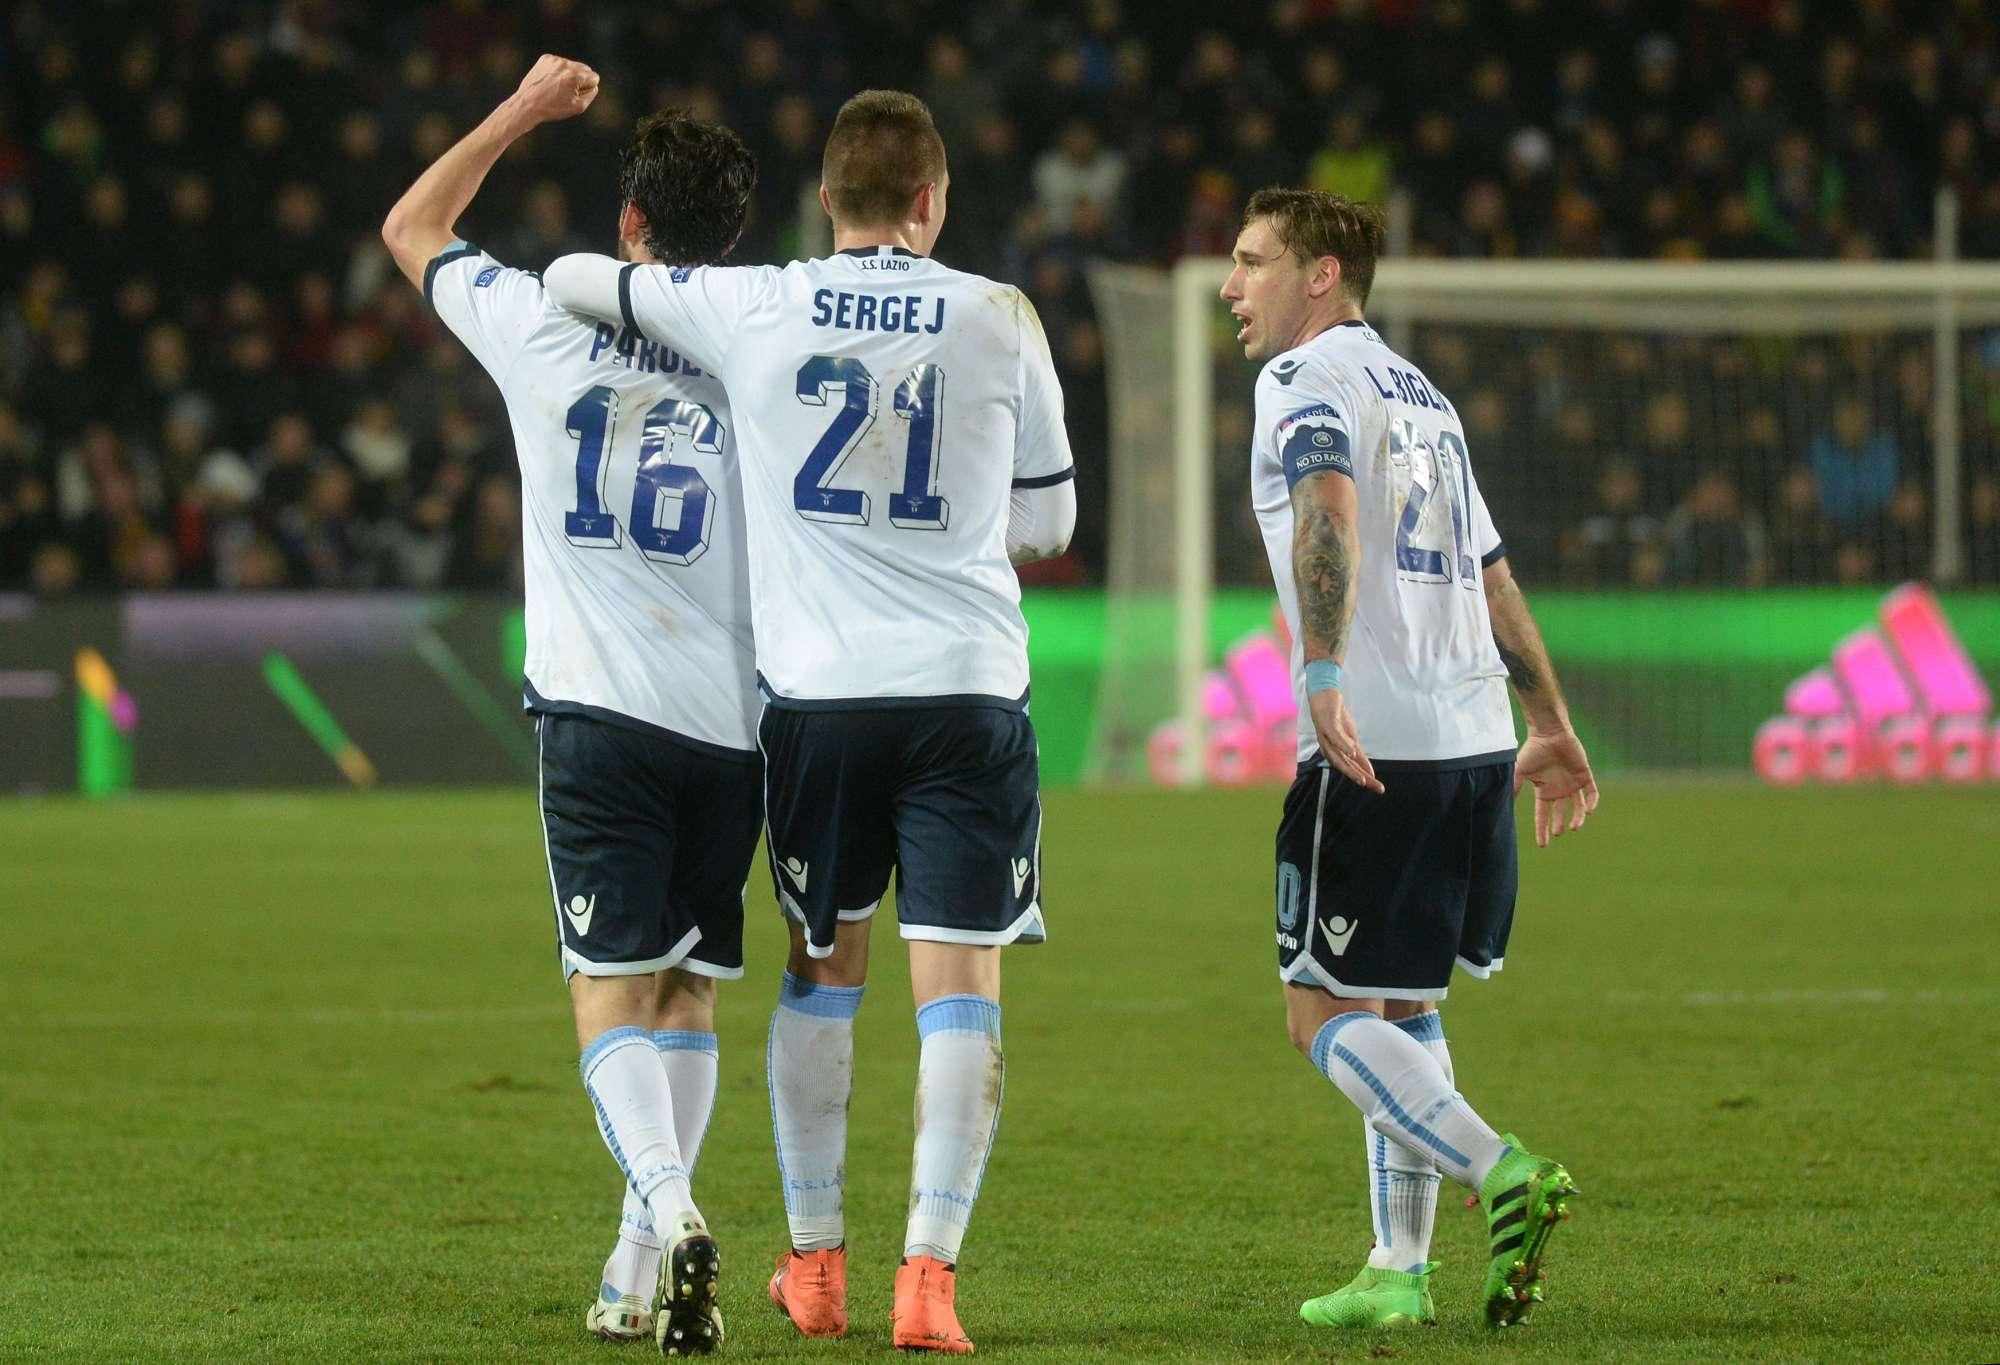 Marco Parolo festeggiato per il gol del pareggio a Praga nell'andata degli ottavi di Europa League